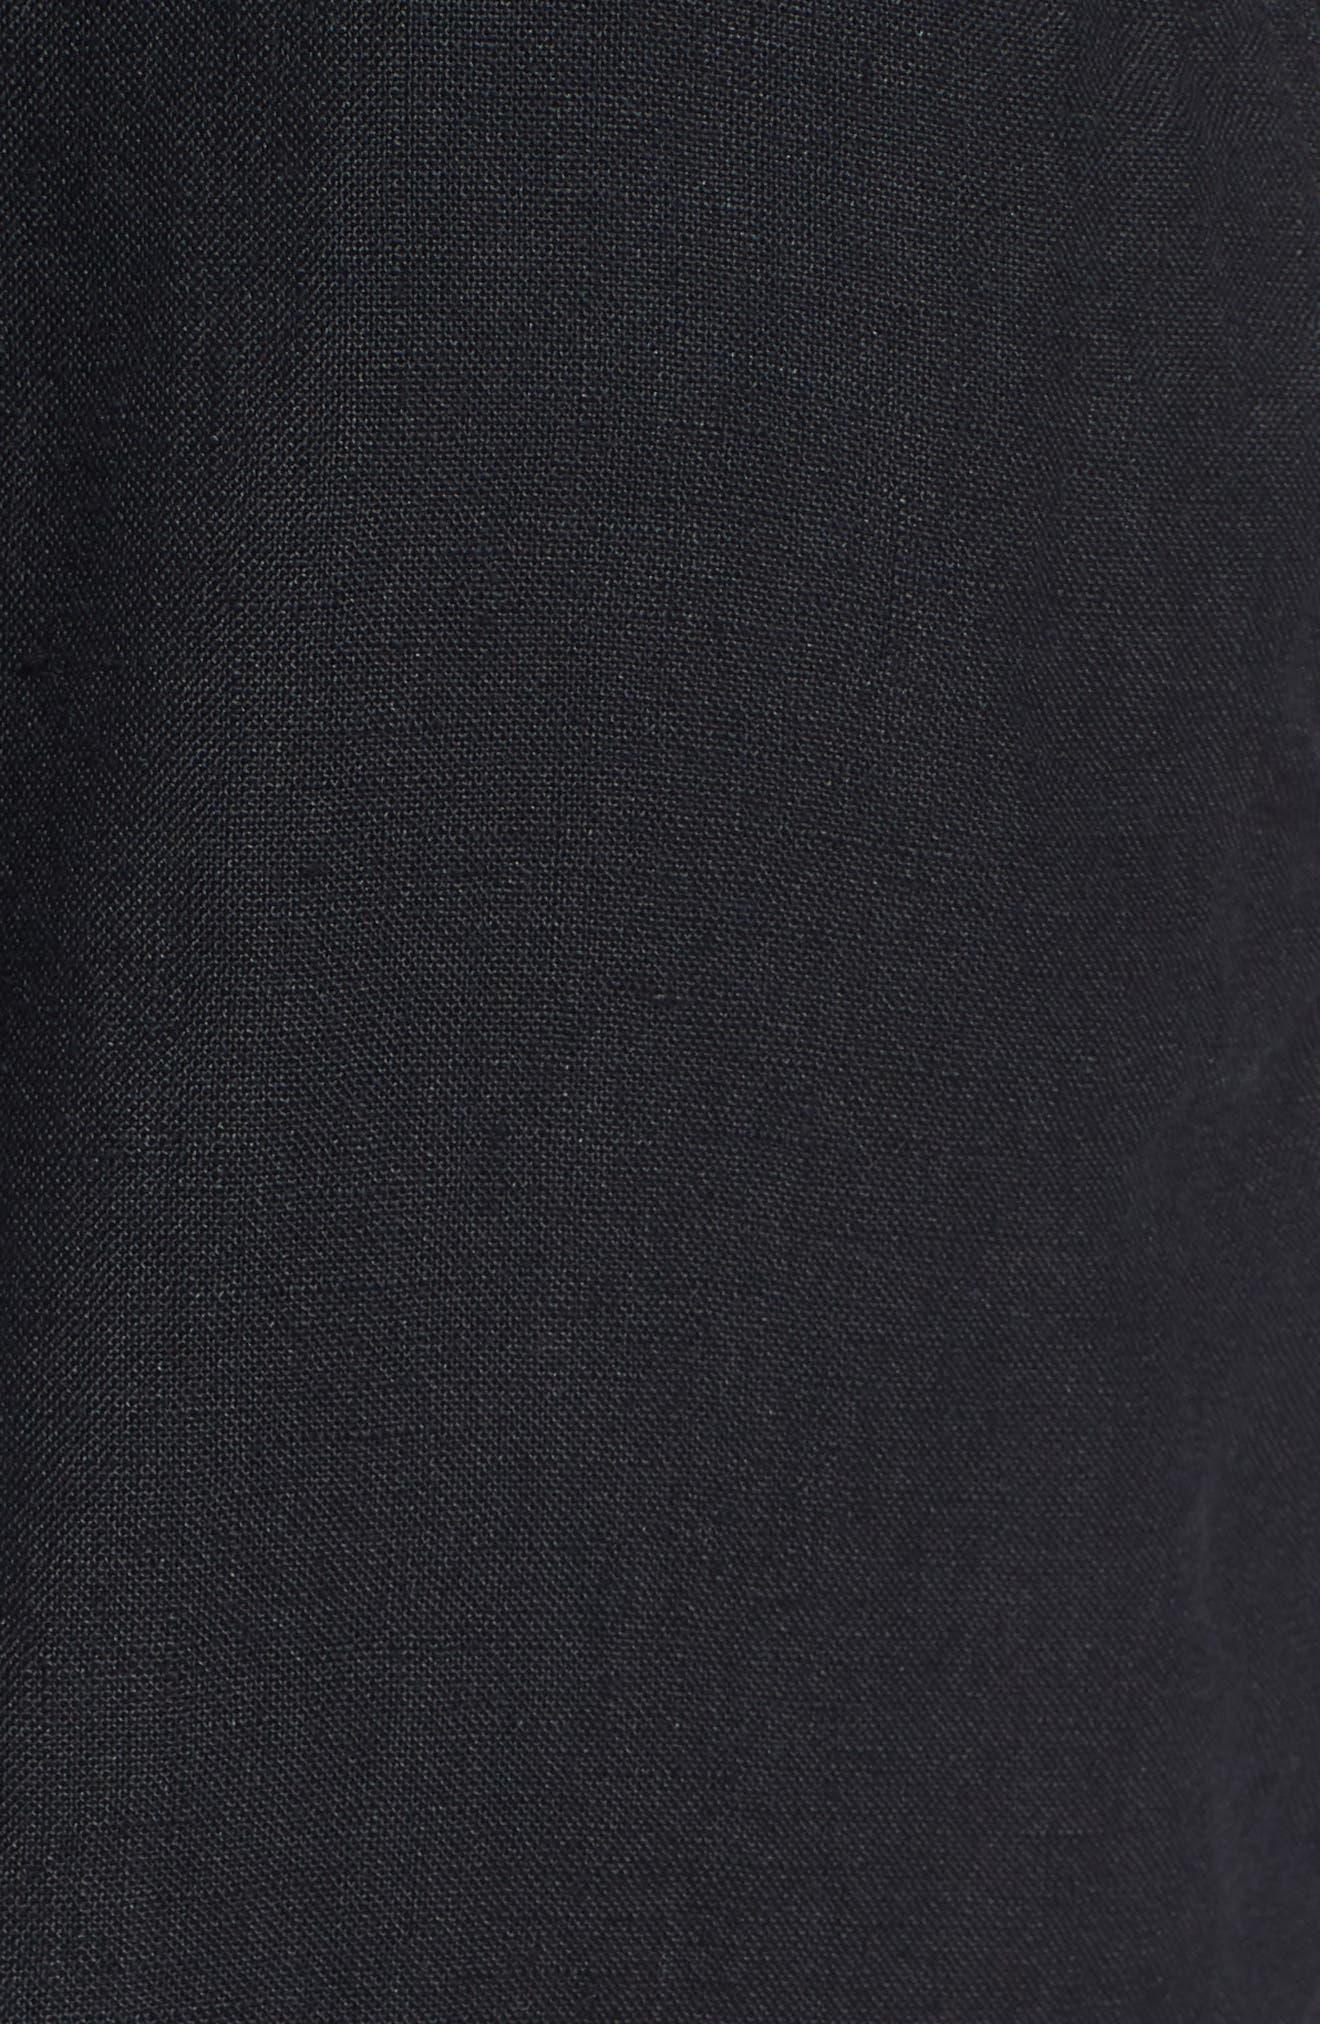 Pleat Tie Waist Linen Shorts,                             Alternate thumbnail 5, color,                             Black